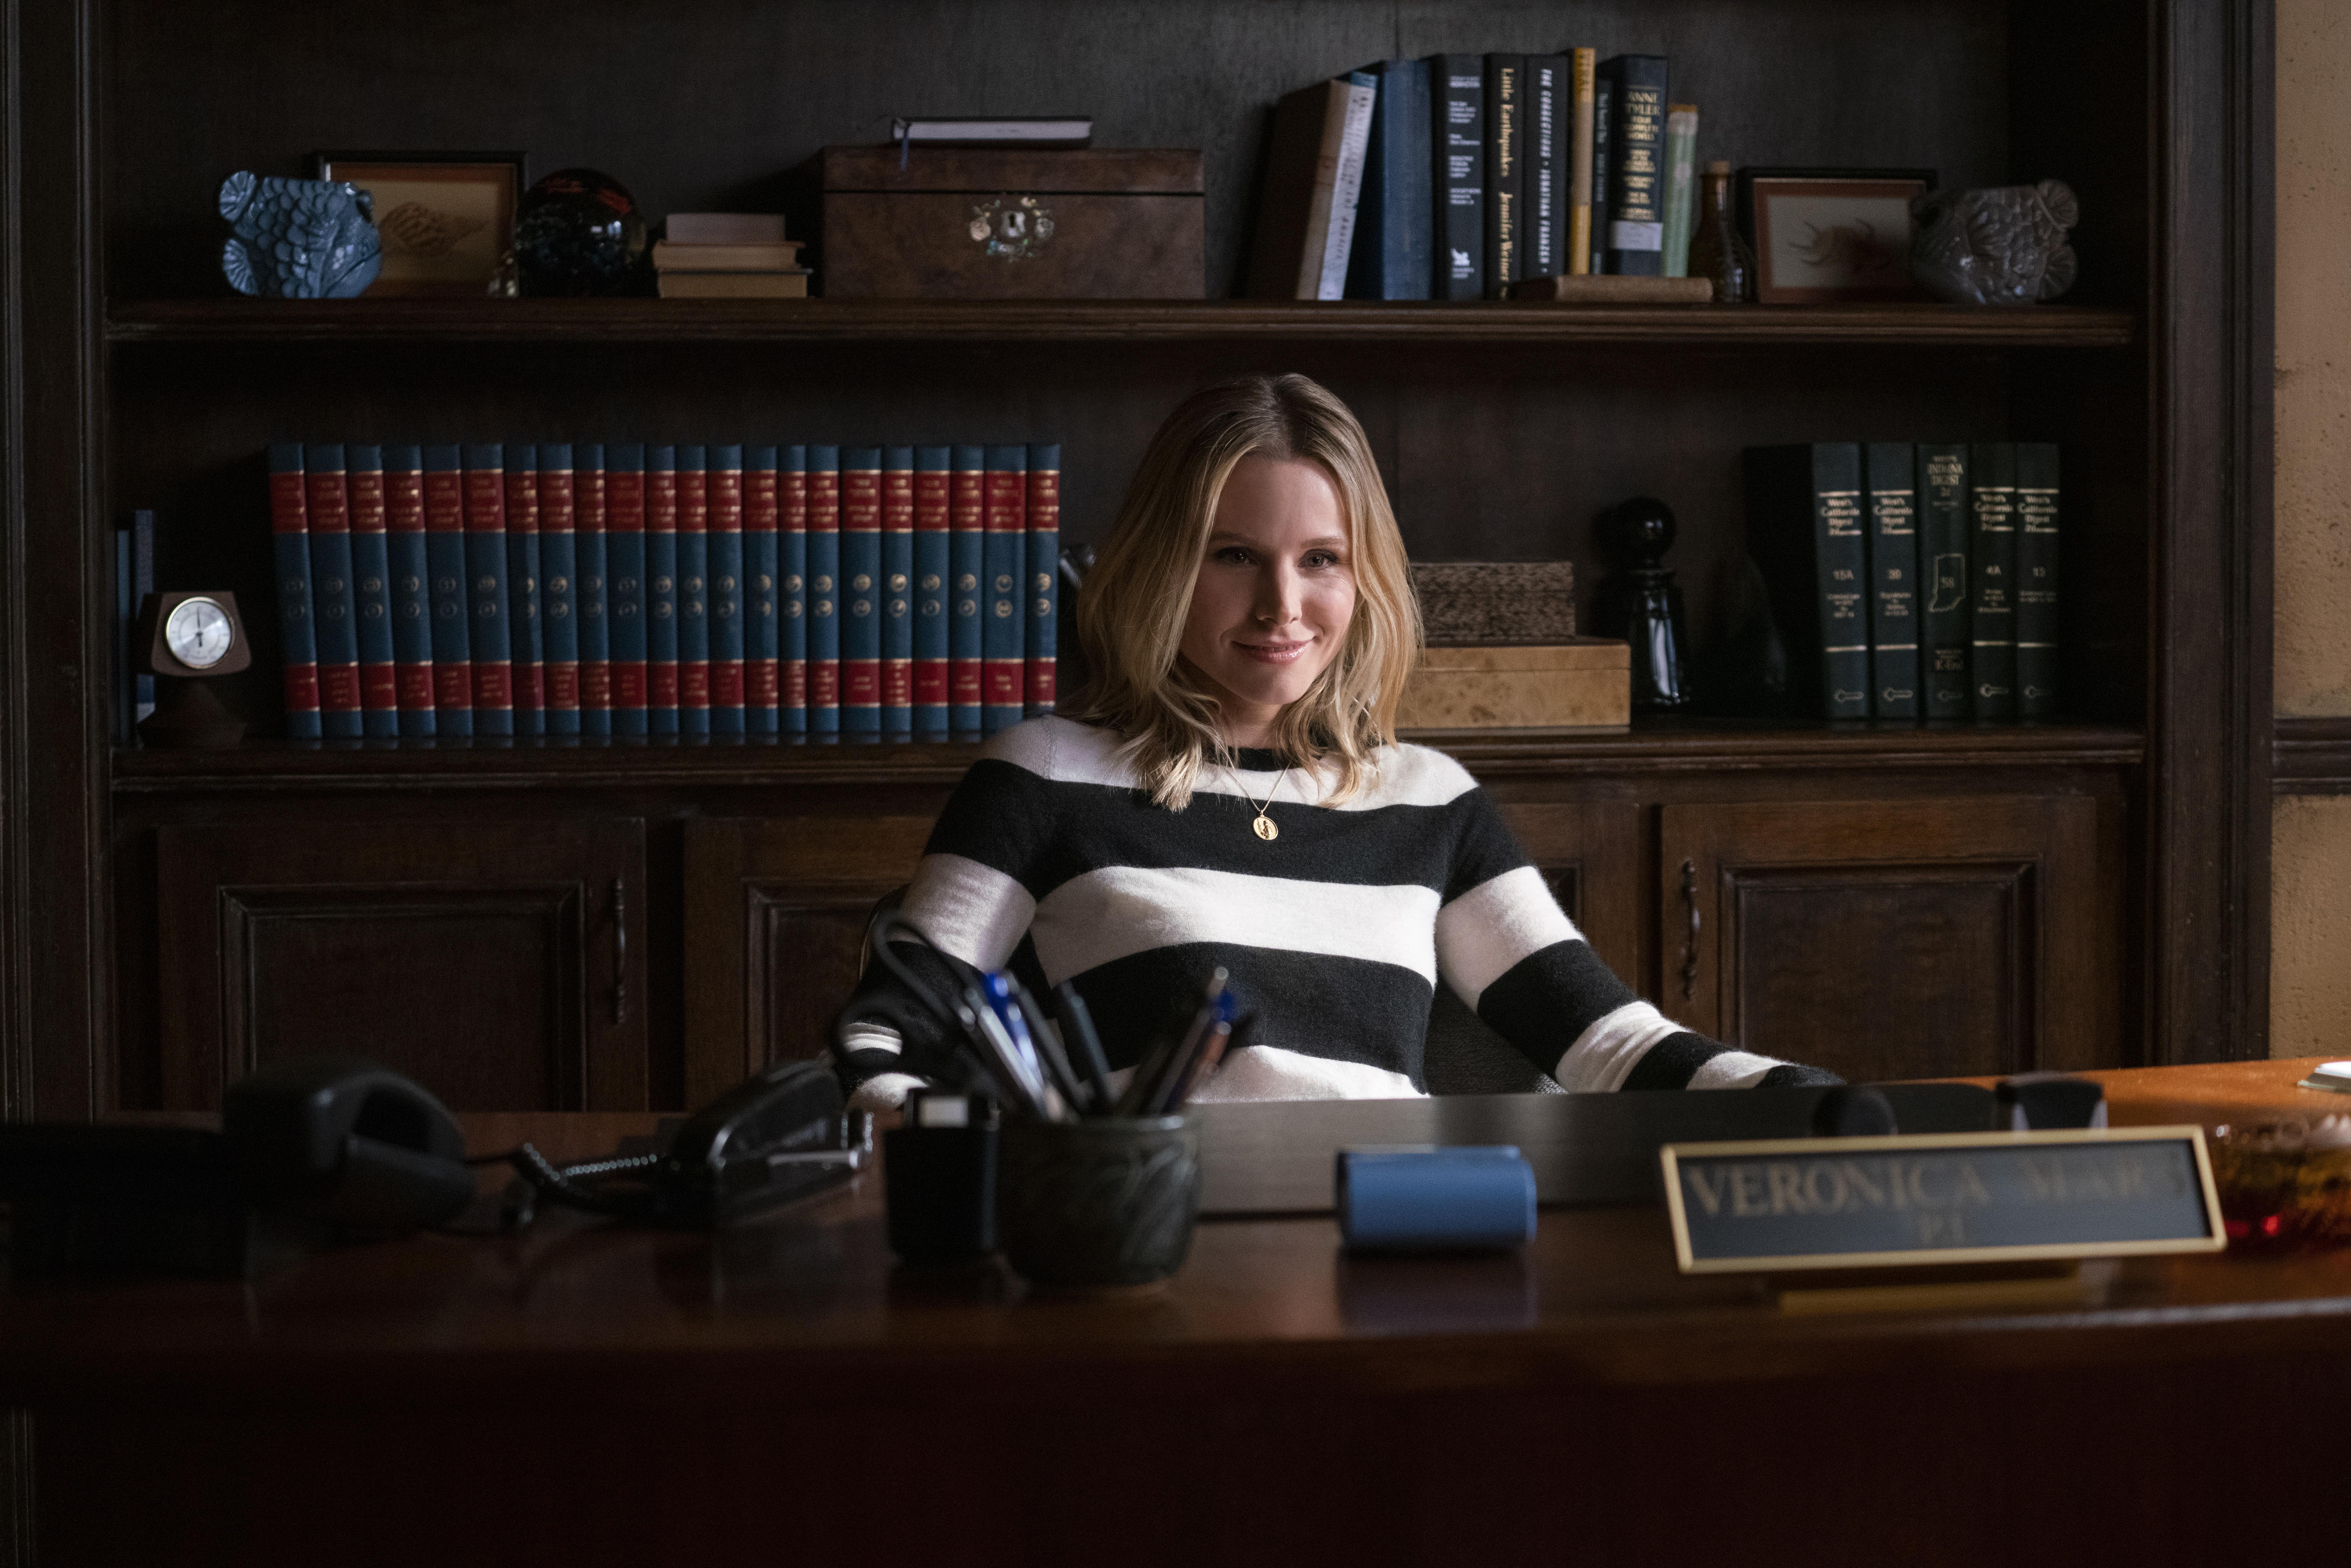 At her desk.